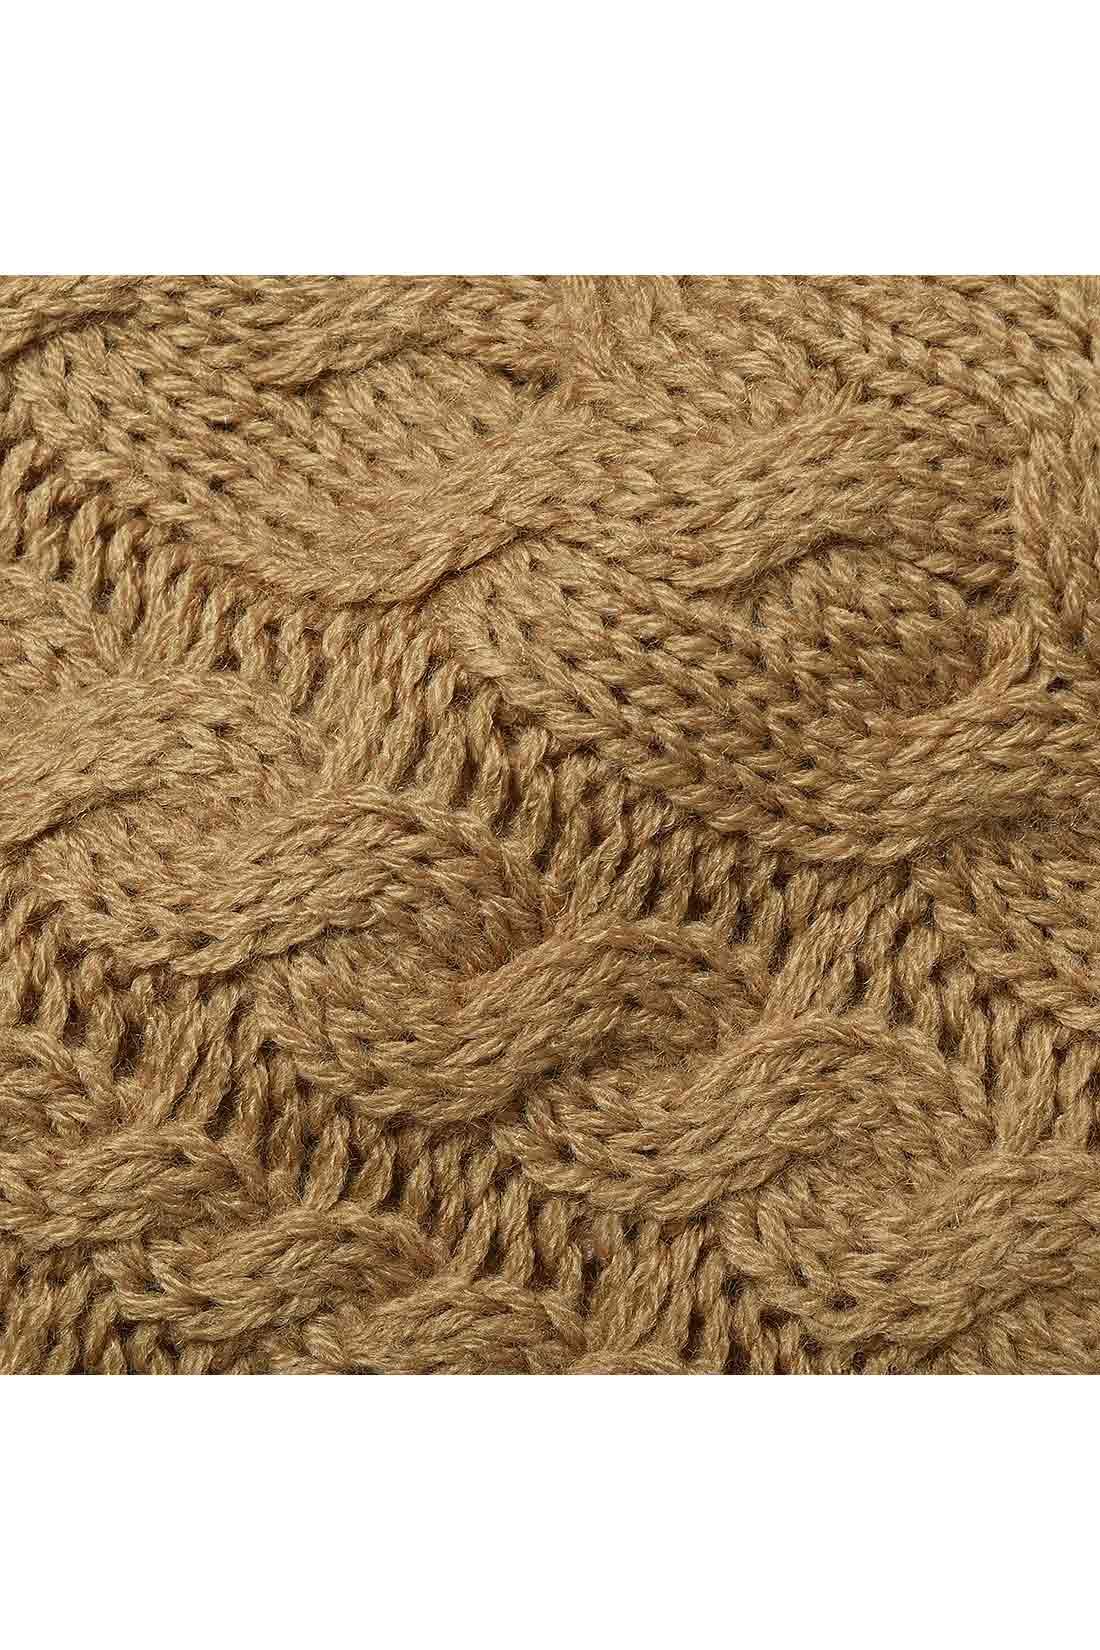 太い糸を使ったニットらしいざっくり編み。ボリューム感があって暖か。